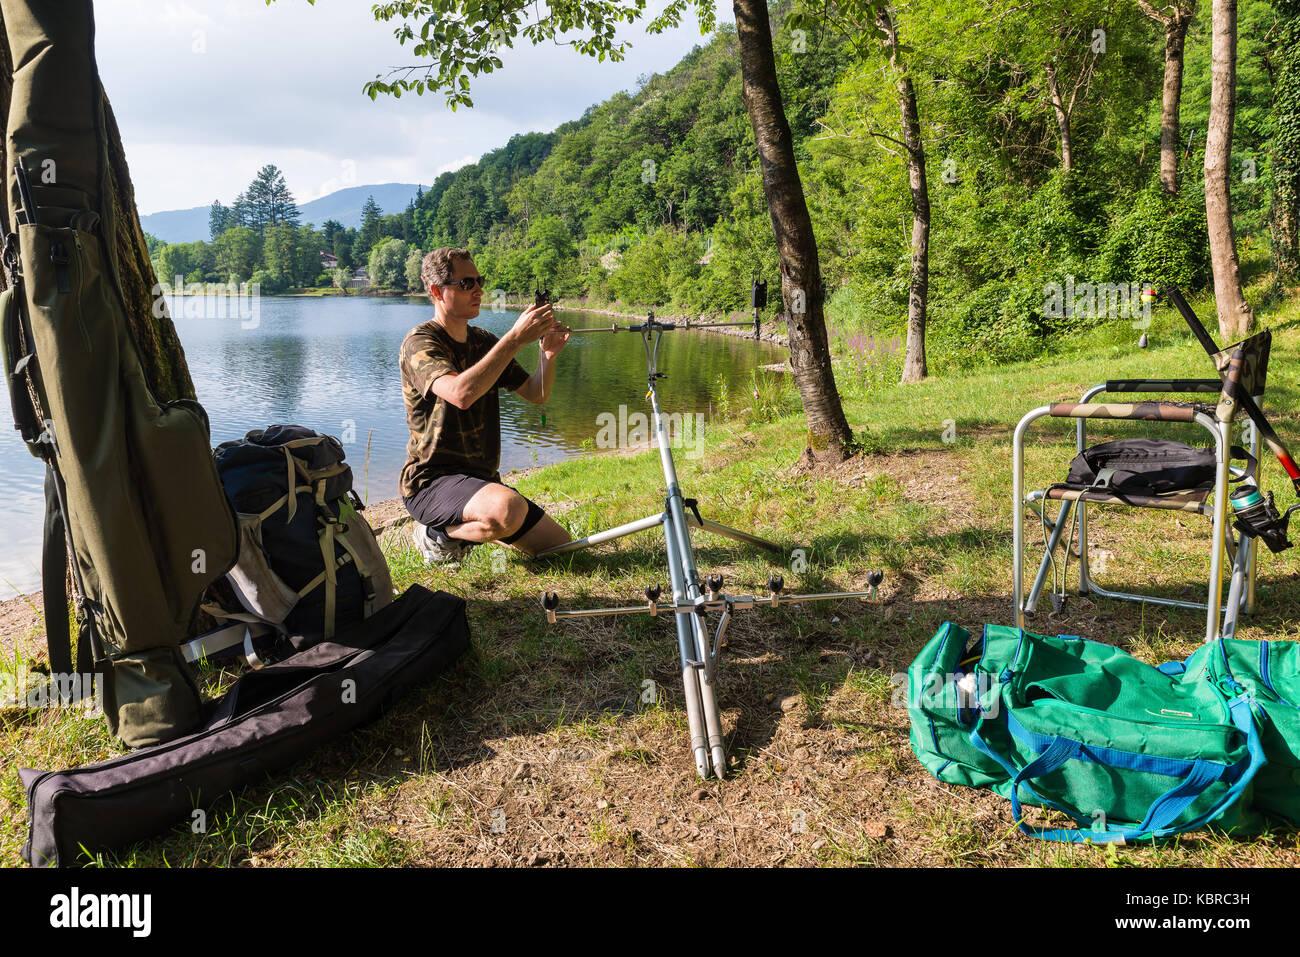 Le avventure di pesca, la pesca alla carpa. Il pescatore con camuffamento di t-shirt, è la pesca con carpfishing Foto Stock